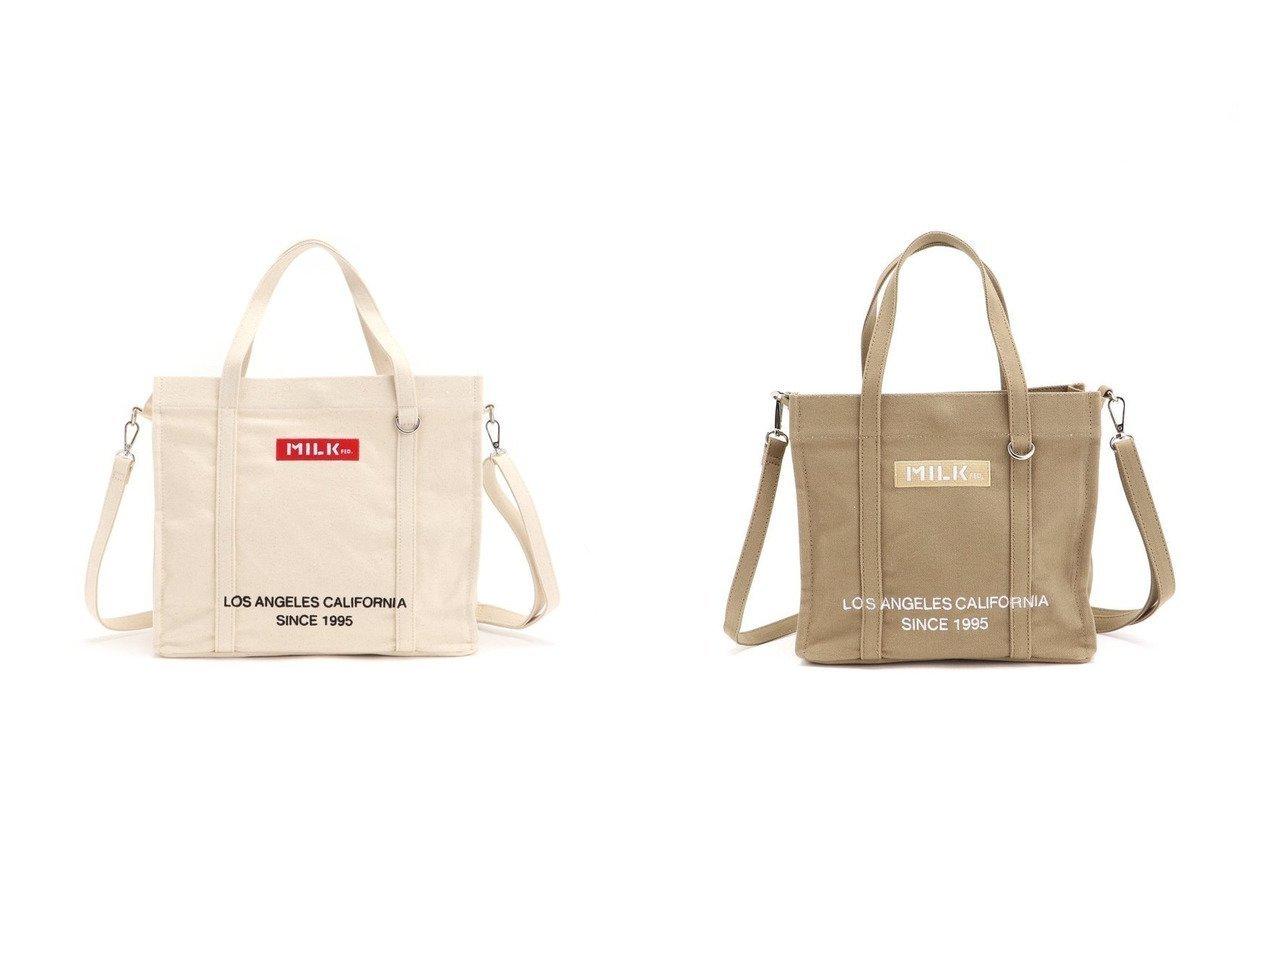 【MILKFED./ミルクフェド】のBAR AND UNDER LOGO 2WAY TOTE MINI&BAR AND UNDER LOGO 2WAY TOTE バッグ・鞄のおすすめ!人気、トレンド・レディースファッションの通販 おすすめで人気の流行・トレンド、ファッションの通販商品 メンズファッション・キッズファッション・インテリア・家具・レディースファッション・服の通販 founy(ファニー) https://founy.com/ ファッション Fashion レディースファッション WOMEN バッグ Bag キャンバス コンパクト ハンドバッグ ポケット 人気 |ID:crp329100000022627